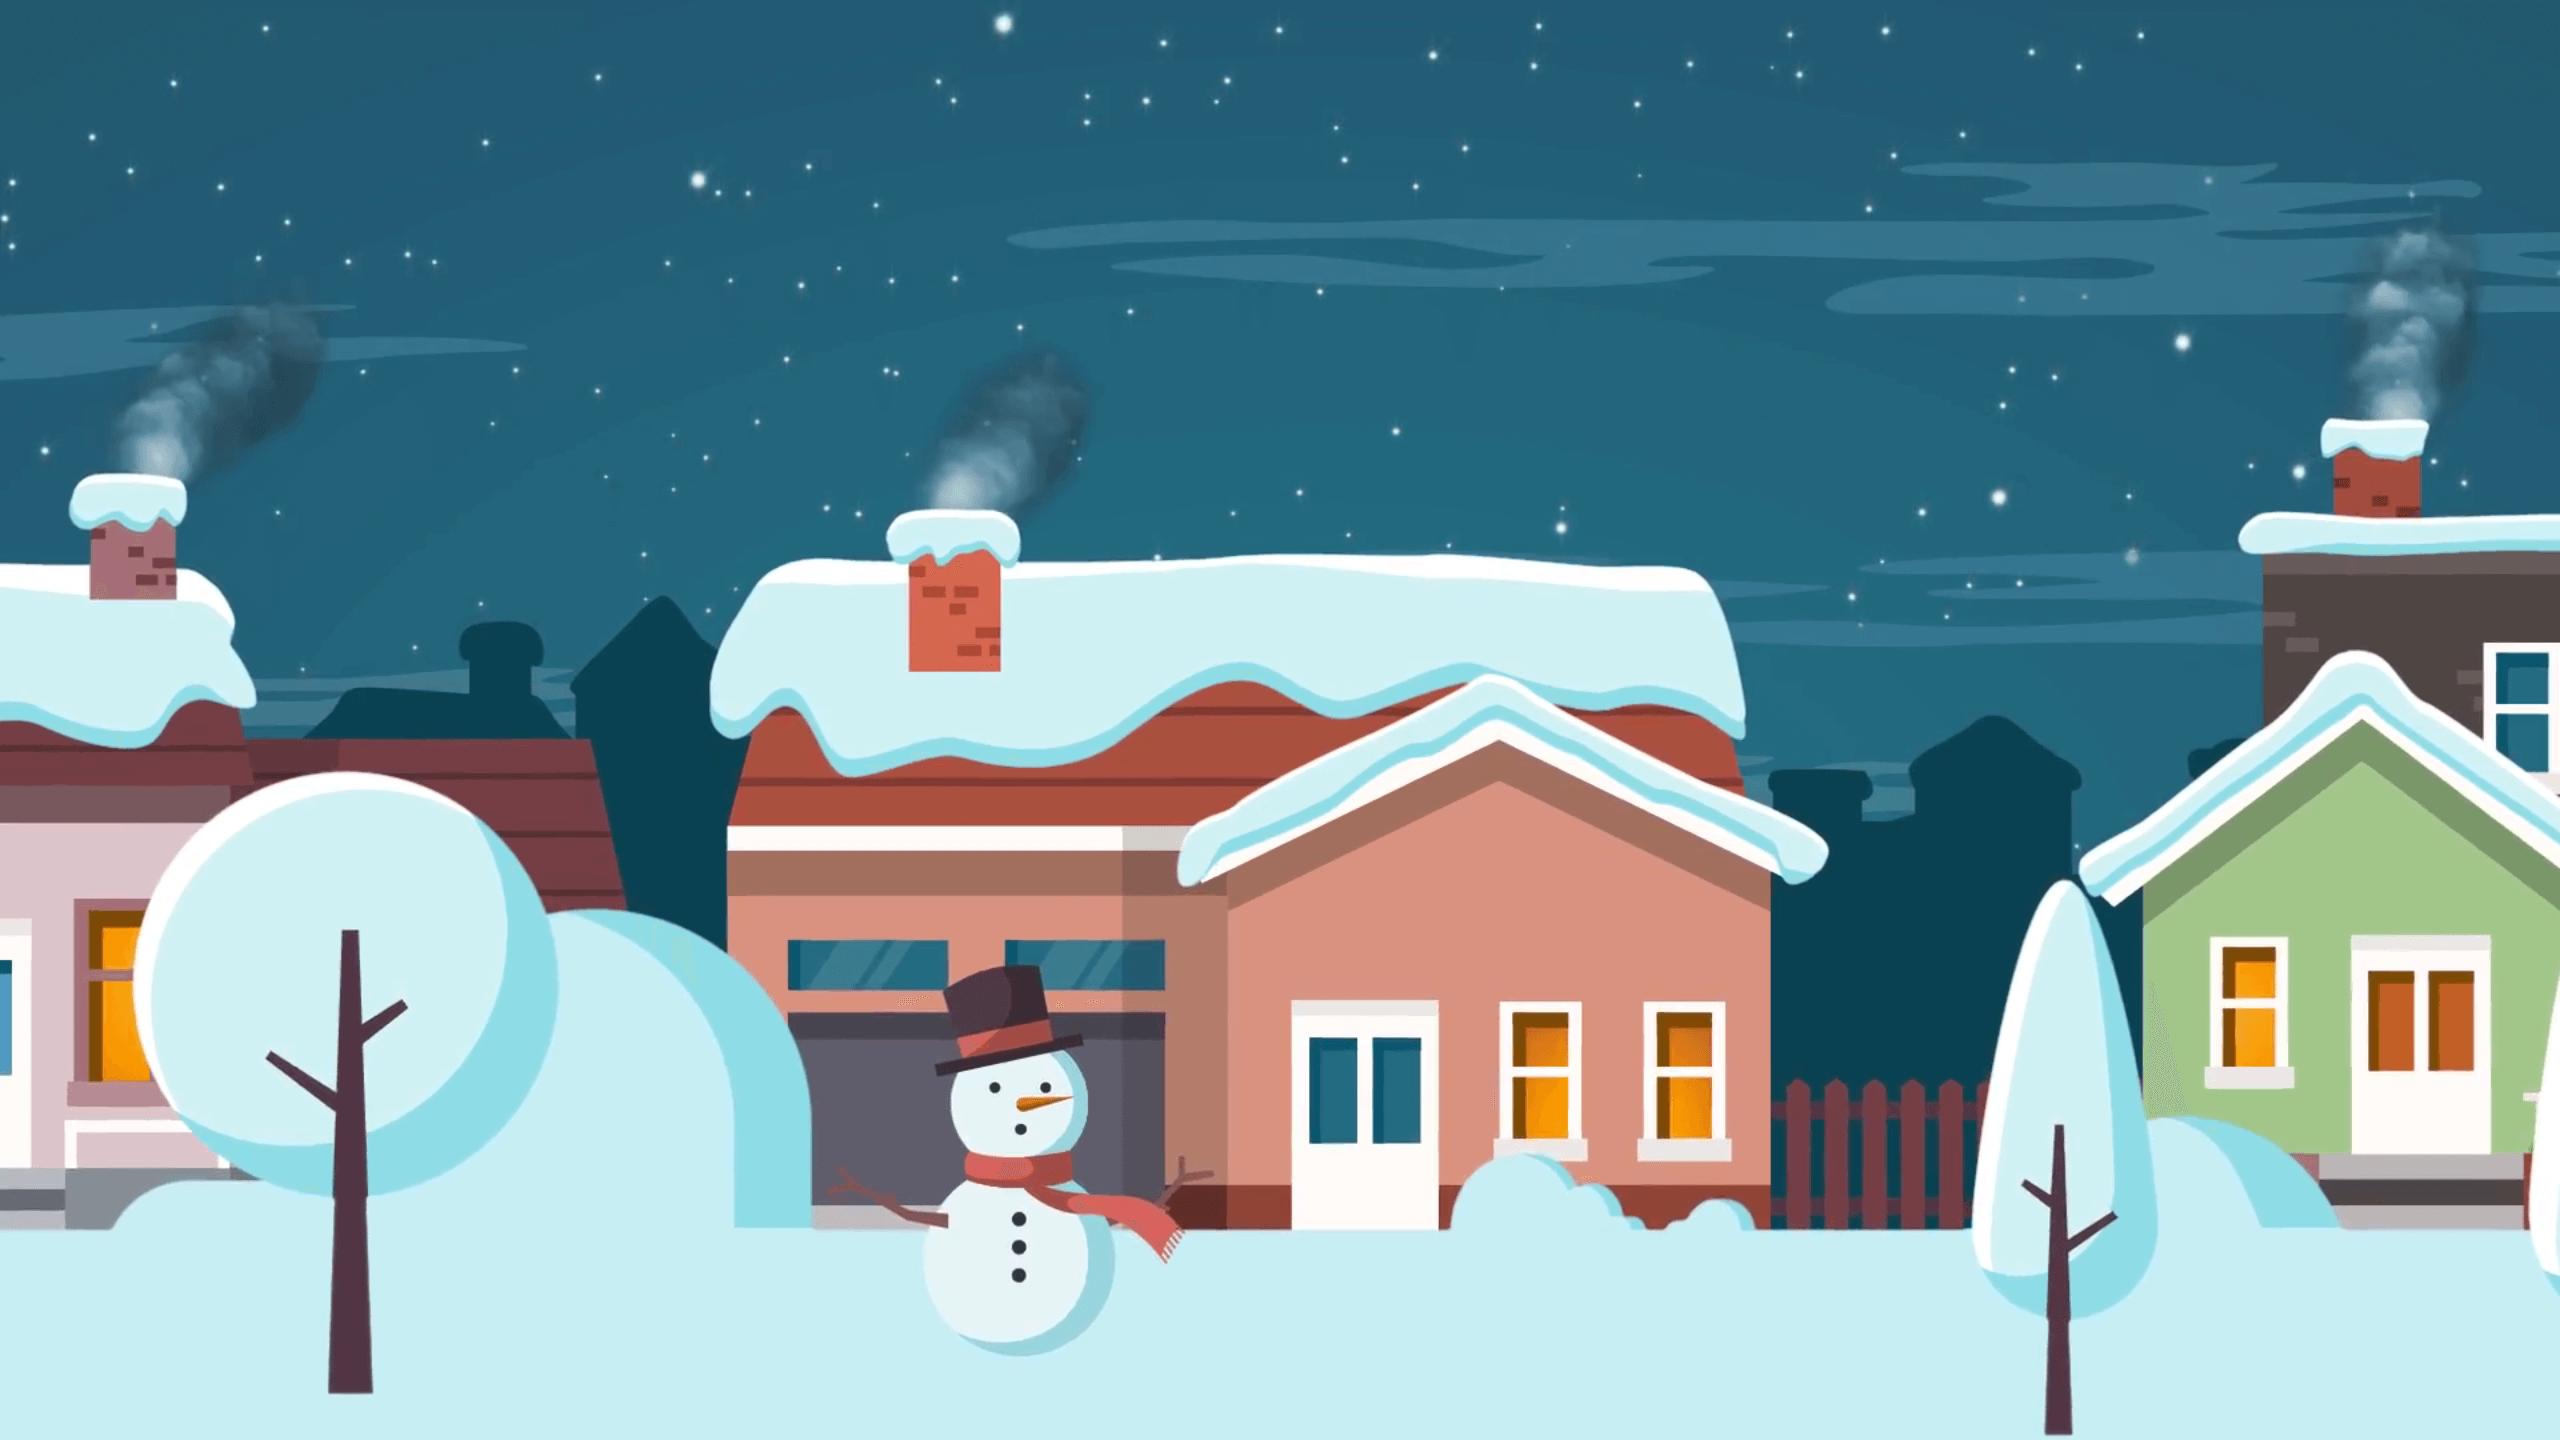 Dicke Luft zu Weihnachten?